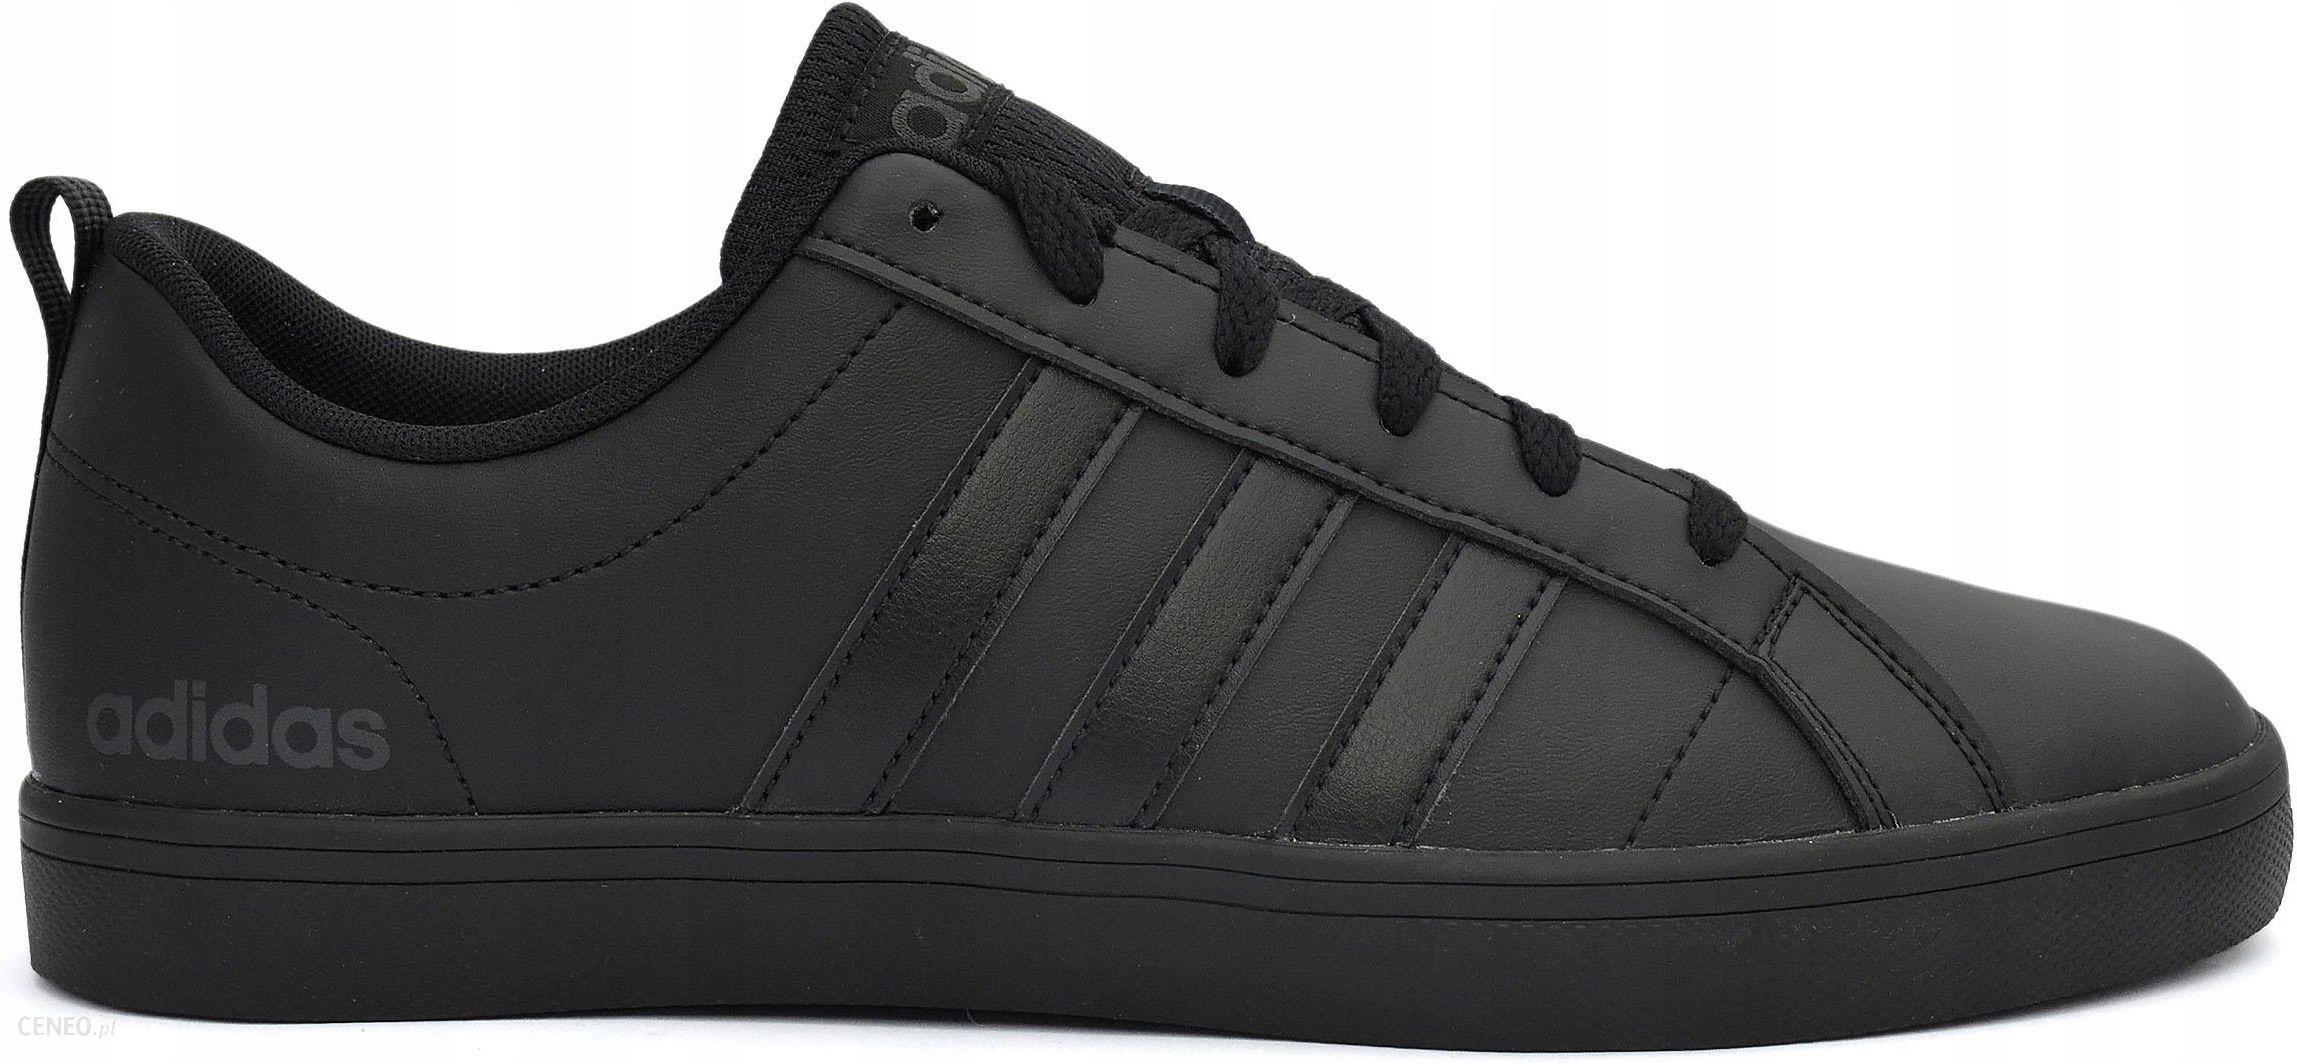 Adidas VS Pace B44869 Buty M?skie Czarne W wa Ceny i opinie Ceneo.pl